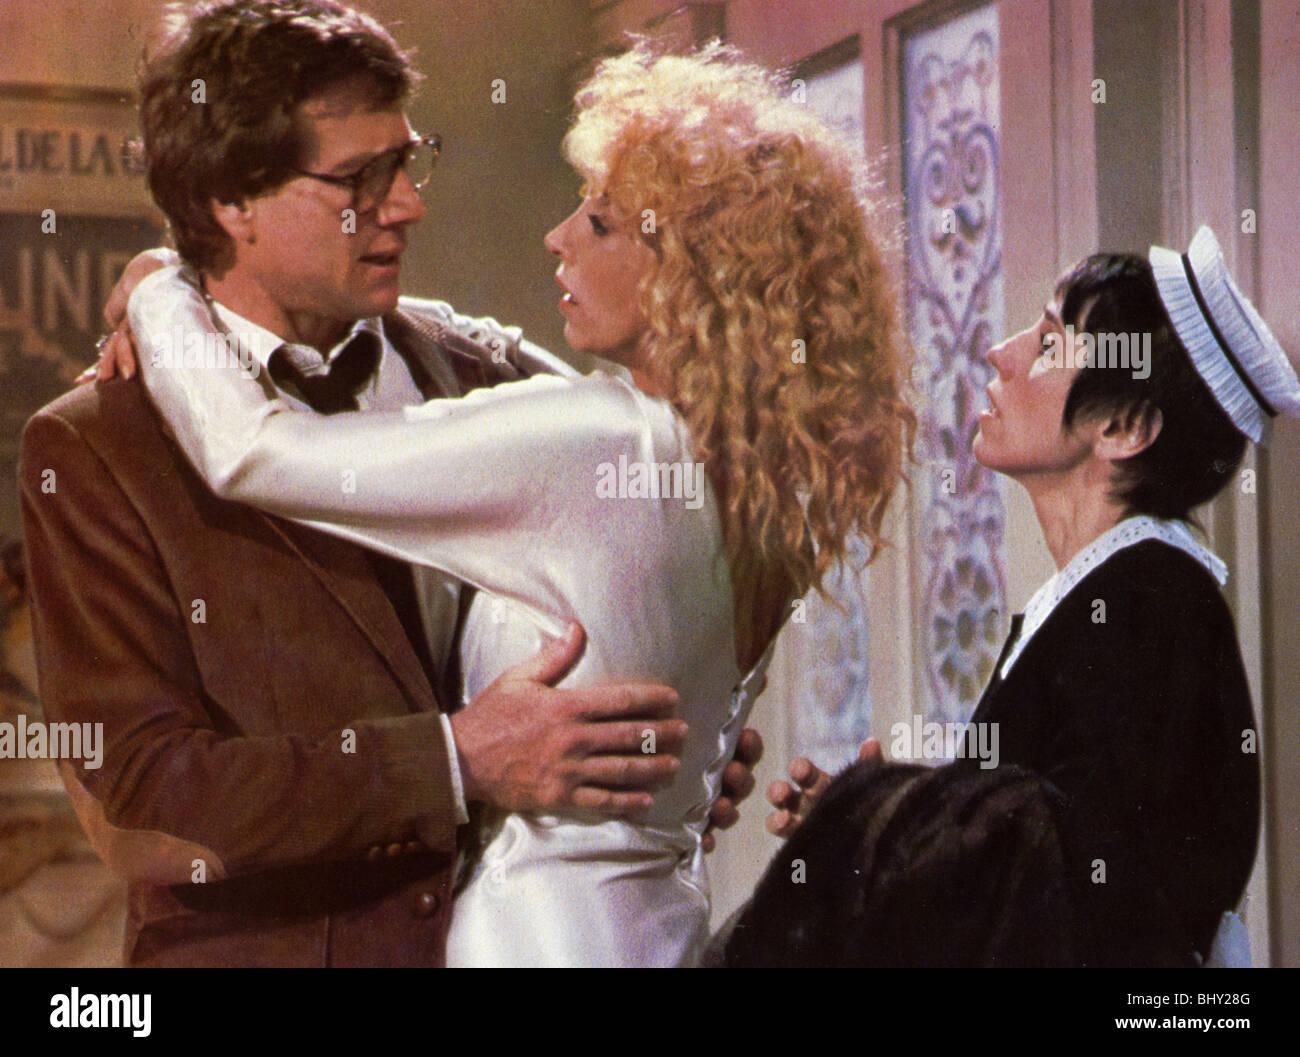 SO fein-1981 Warner Film mit Ryan O'Neal und Mariangela Melato auf der linken Seite Stockbild